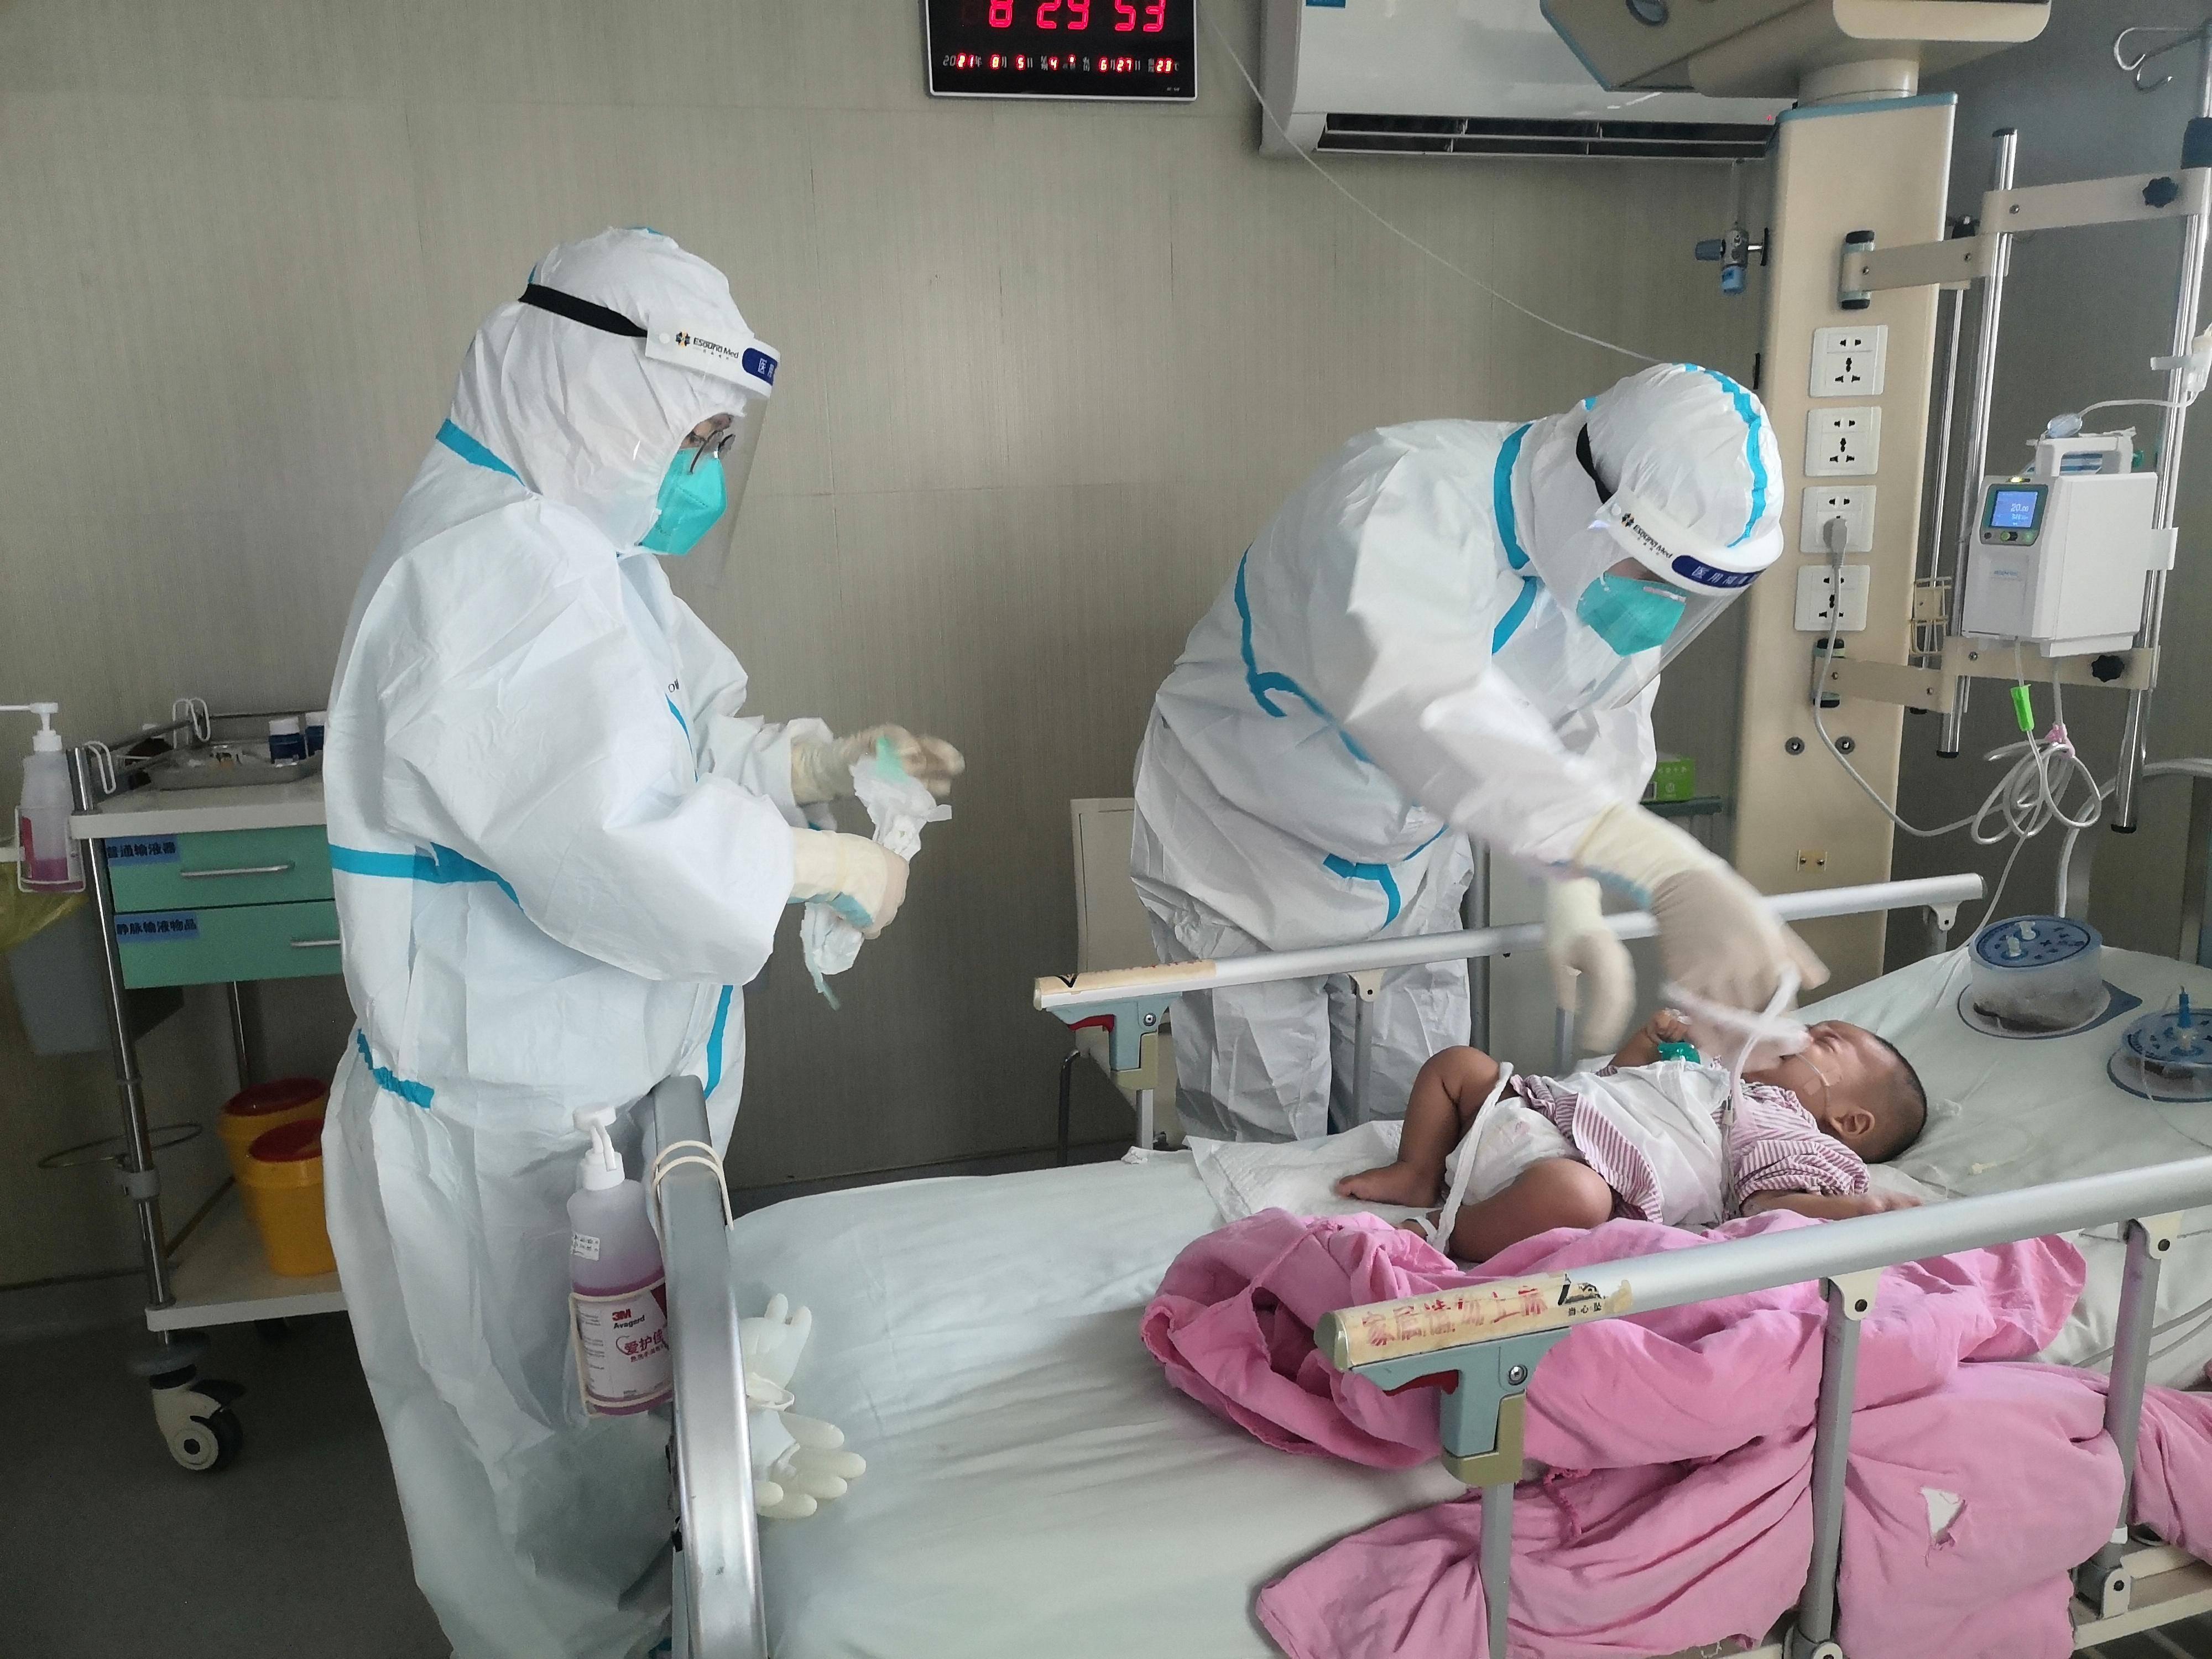 南京市儿童医院供图